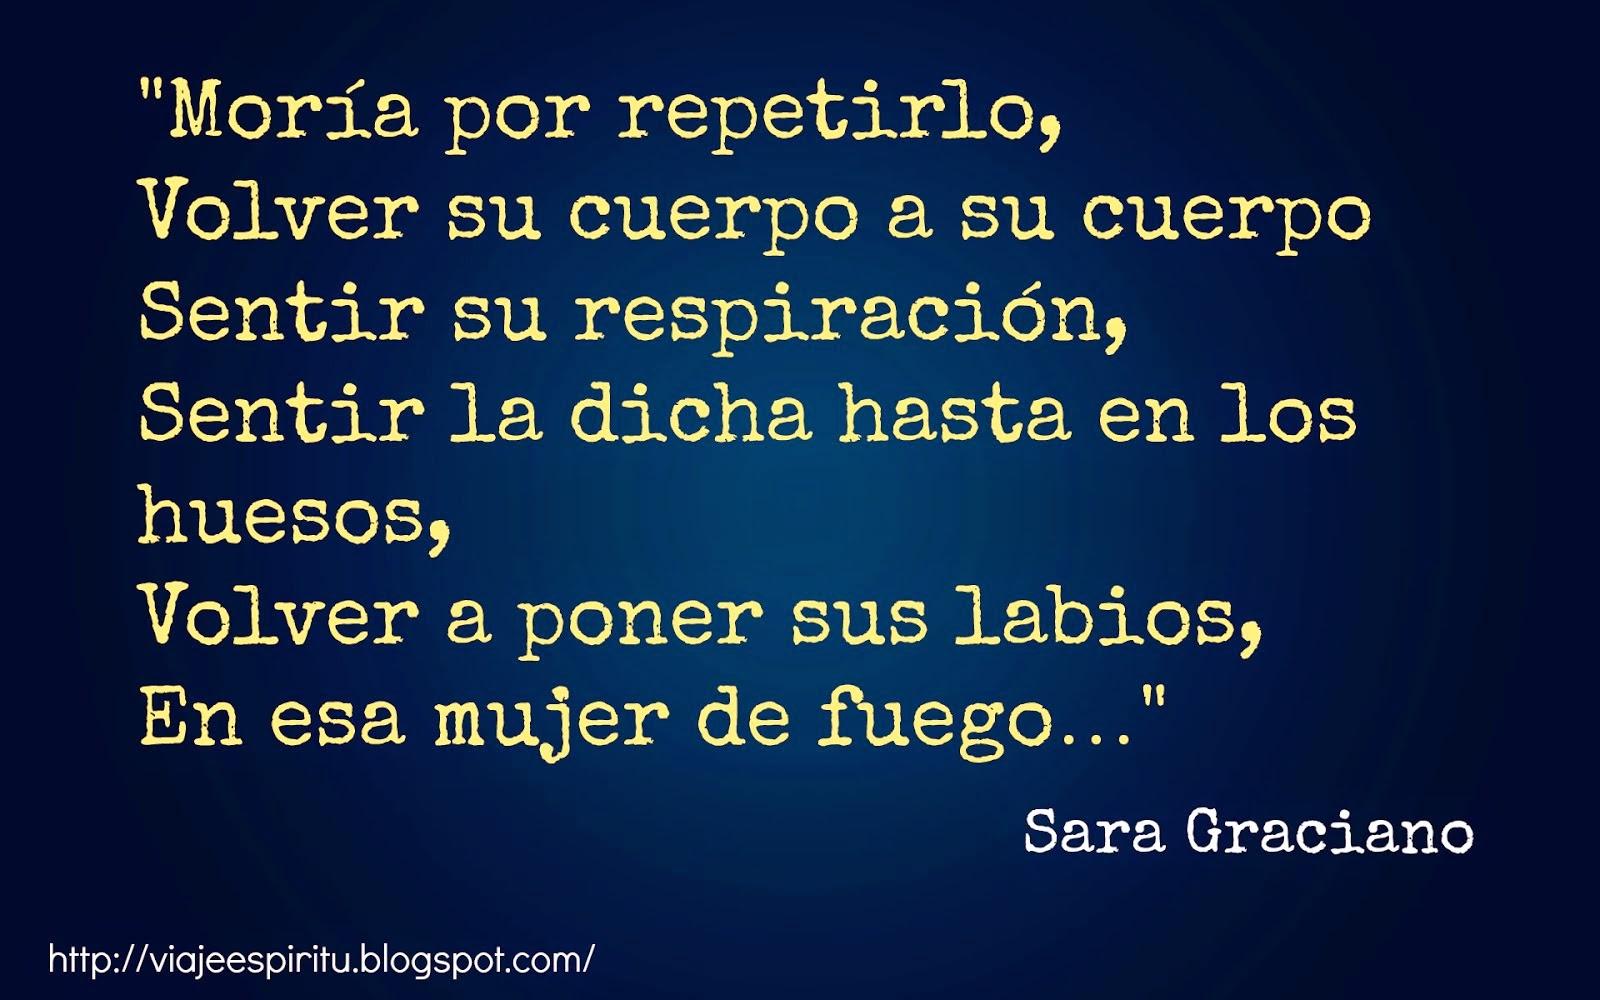 El hombre de deseos infinitos, Sara Graciano